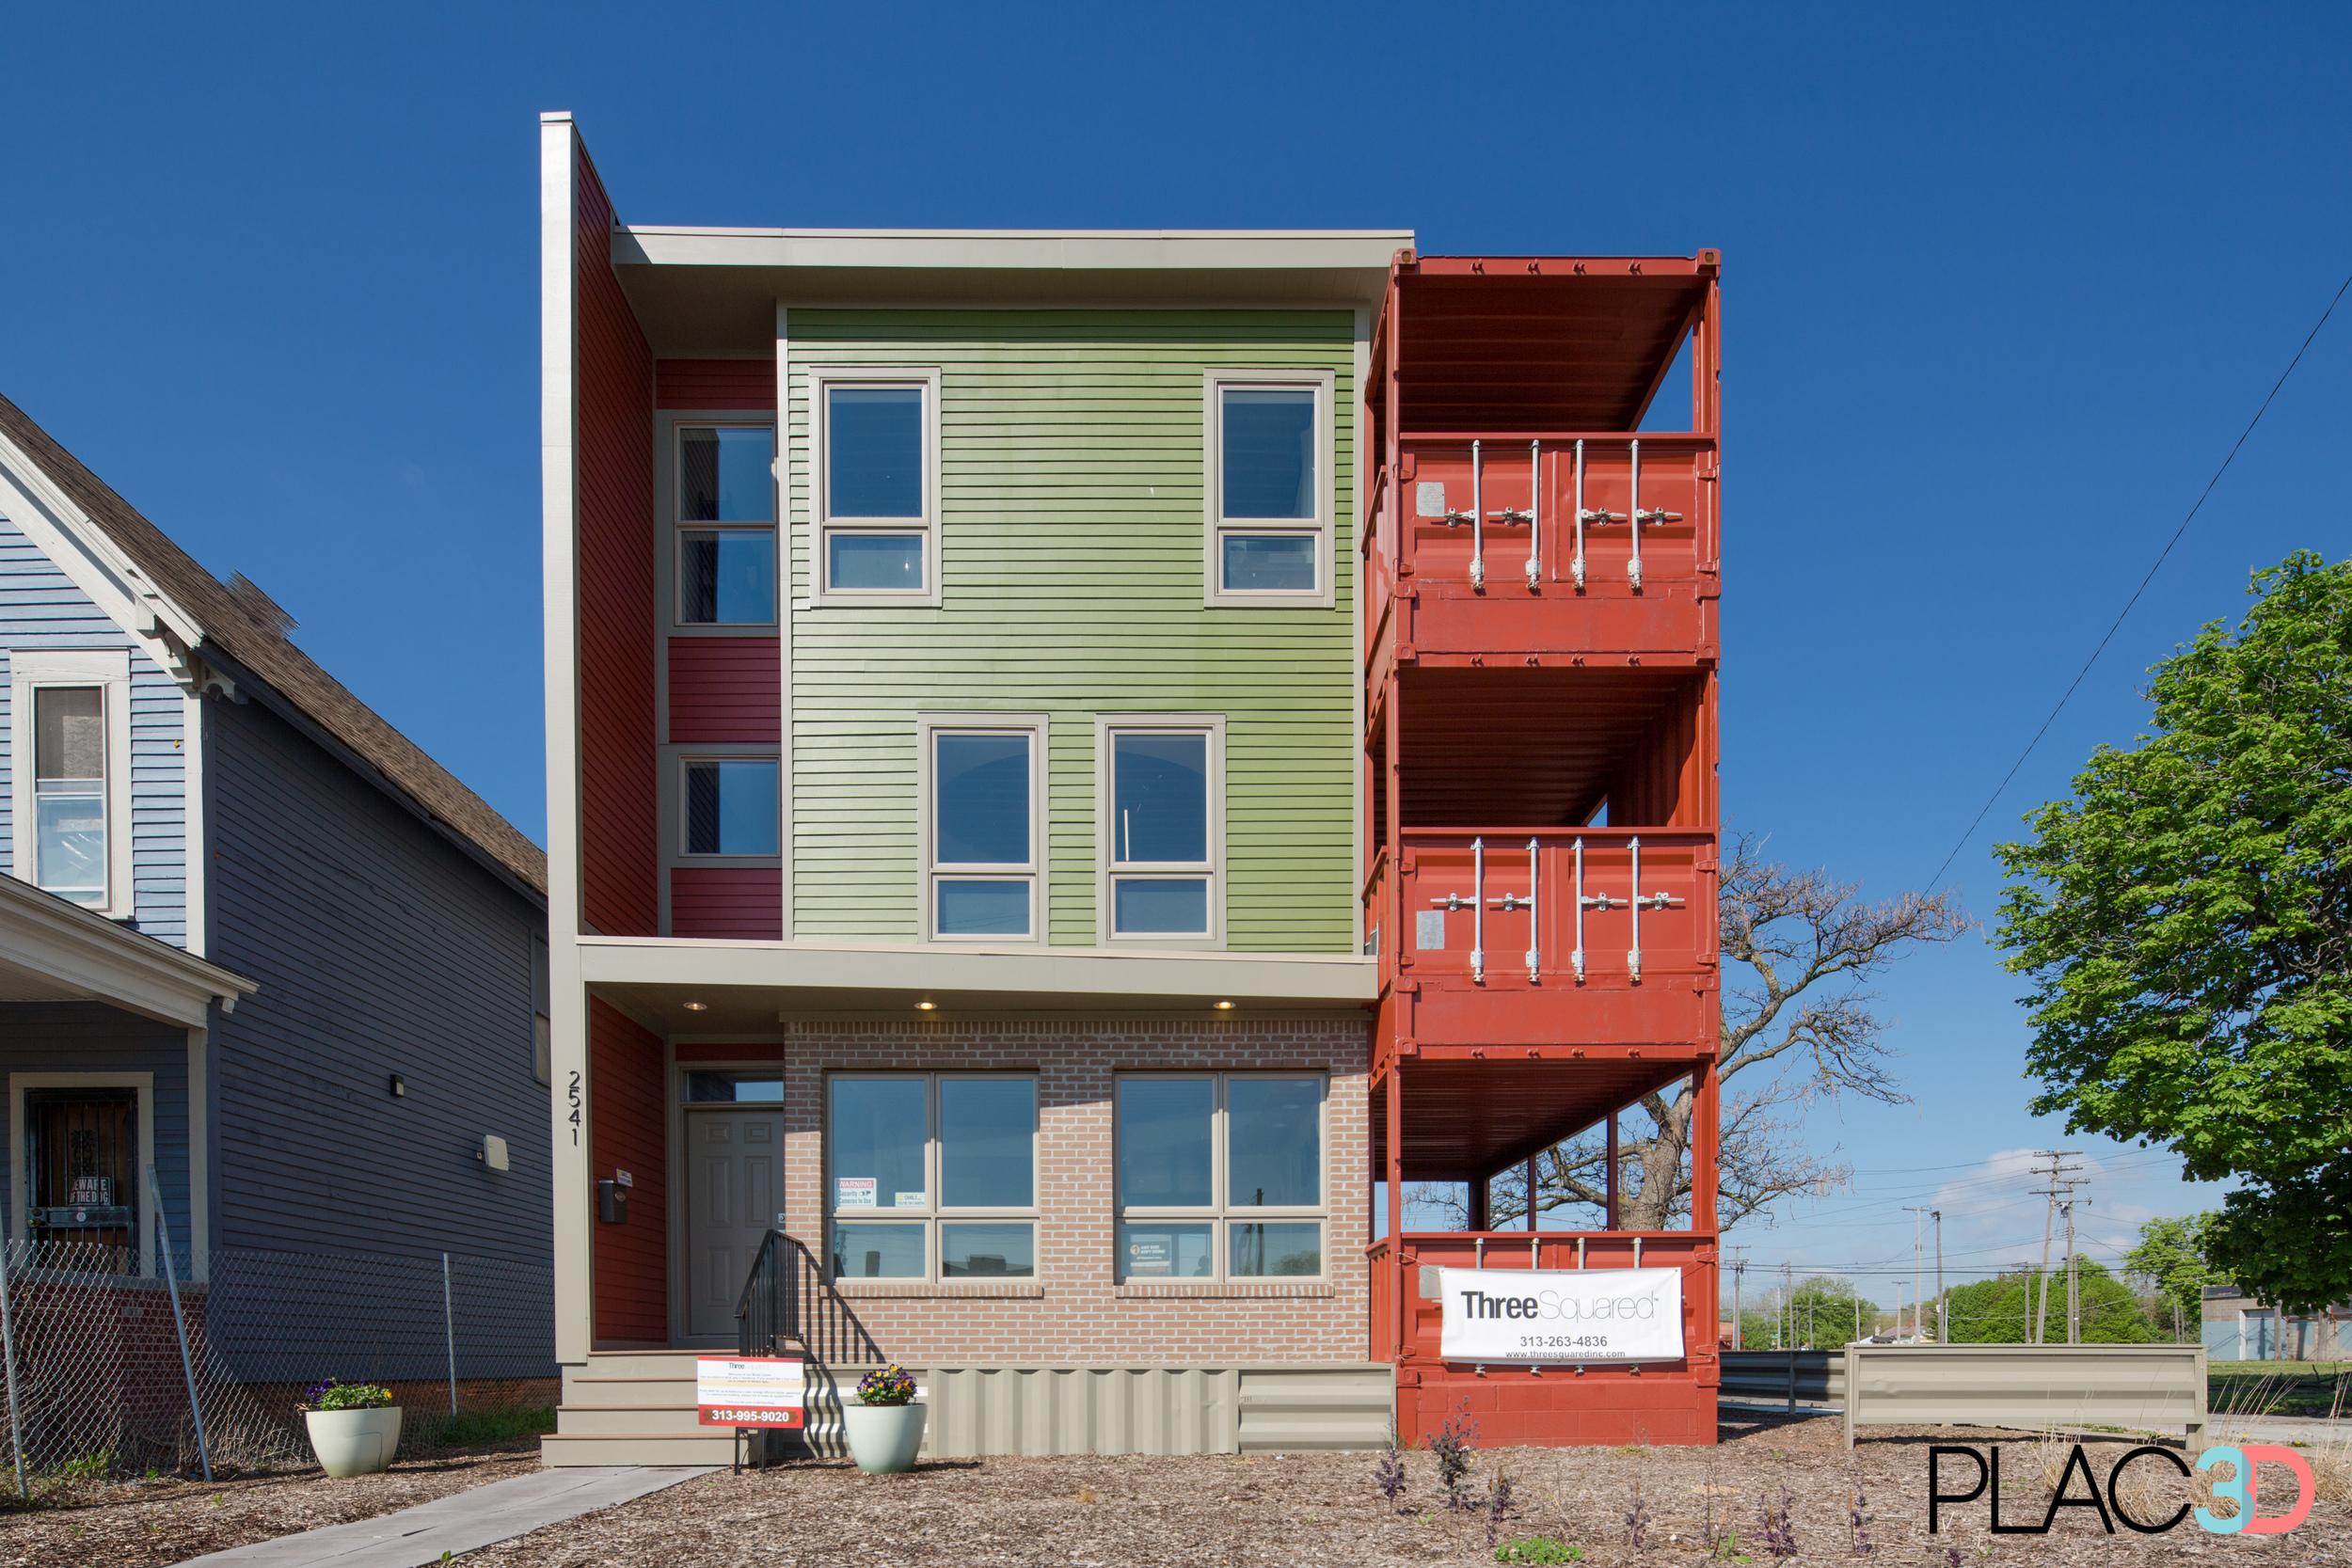 Three Squared Model Center exterior